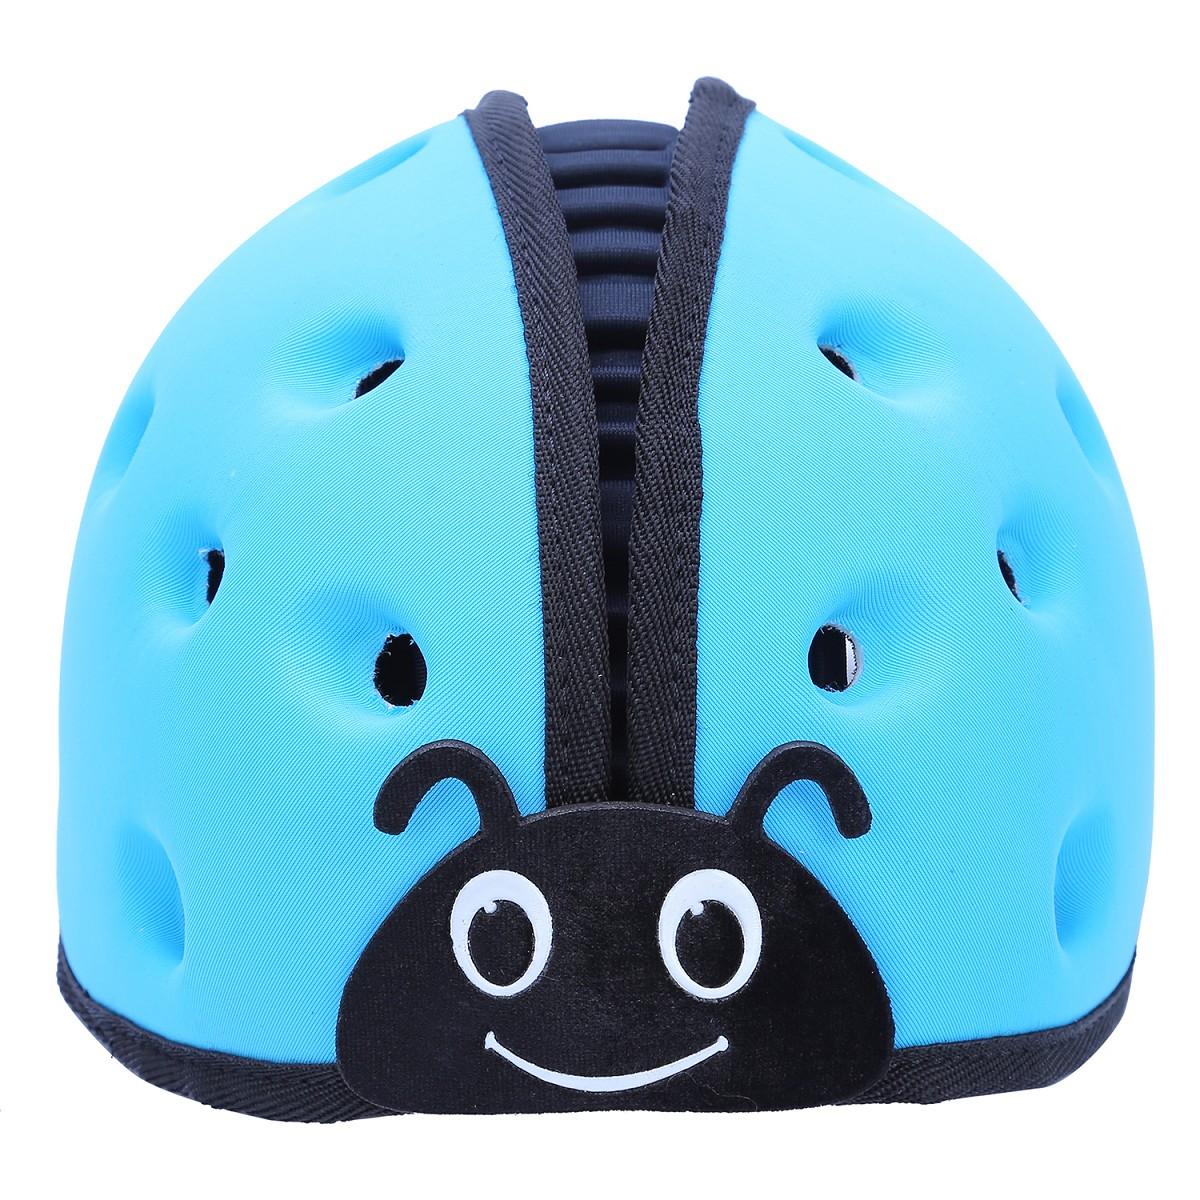 Mũ bảo hiểm trẻ em MumGuard màu xanh dương